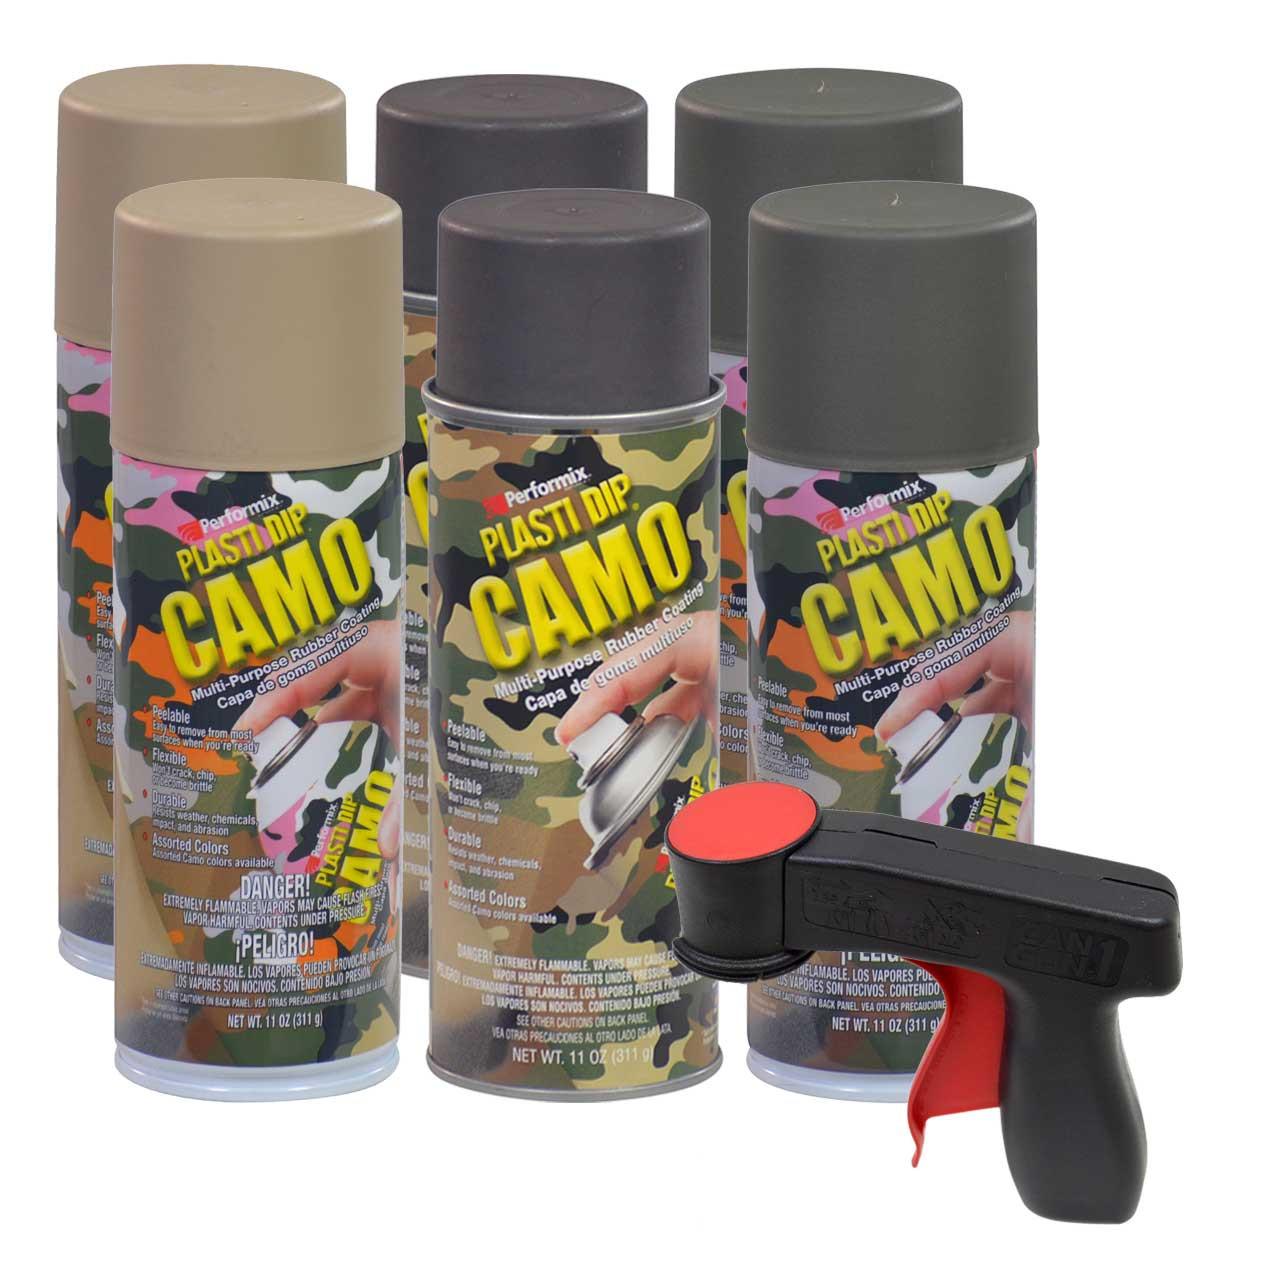 Plasti Dip Camo Color Set 6 11oz Sprays With Cangun